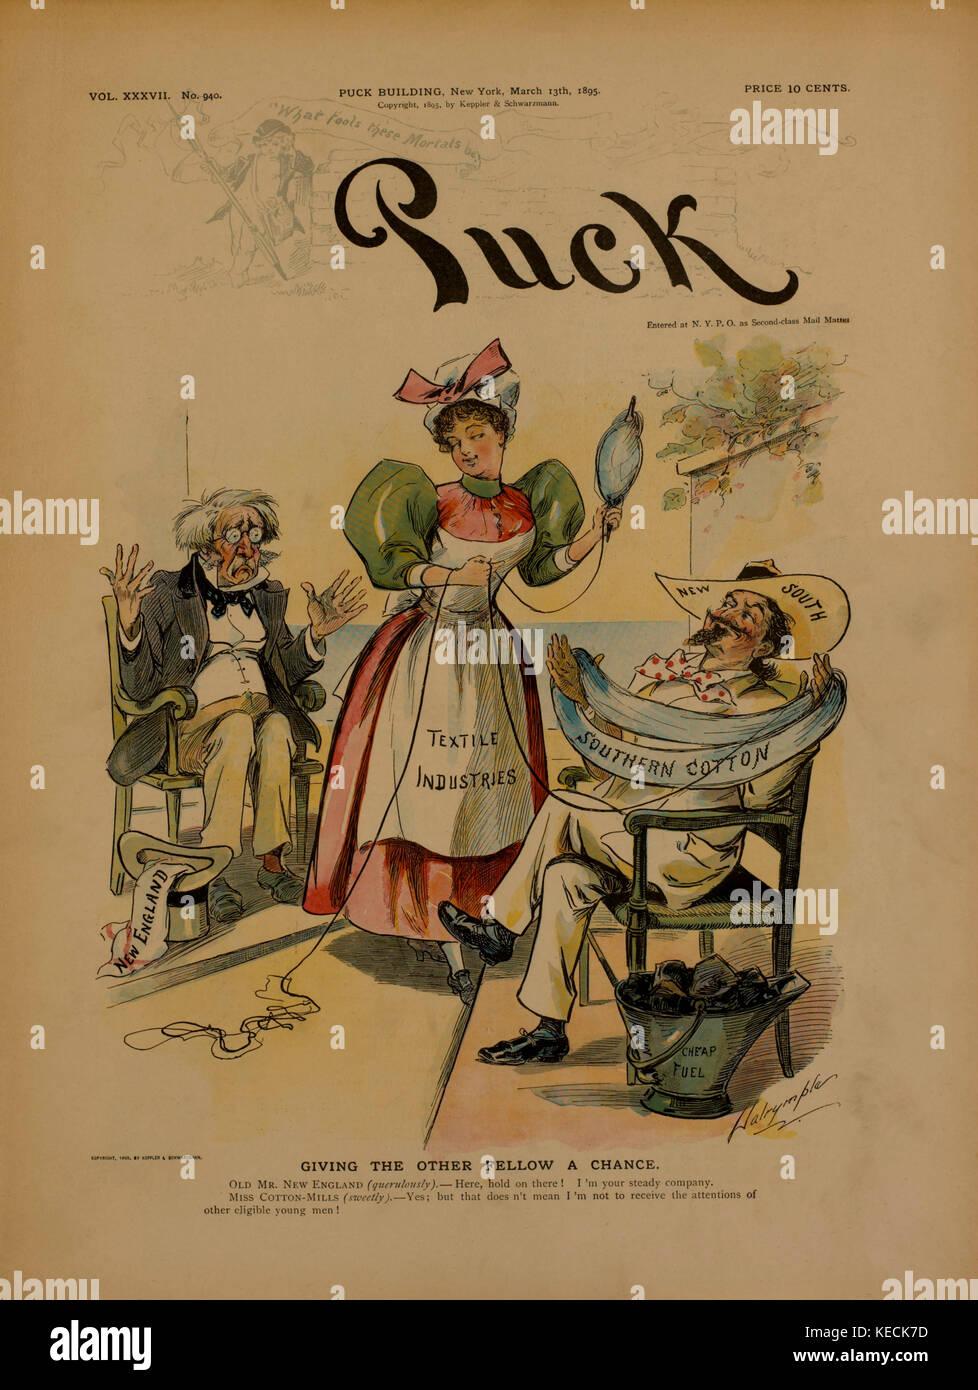 Die politische Karikatur, die andere Kolleginnen und Kollegen die Chance, Puck Magazin, März, 13, 1885 Stockbild